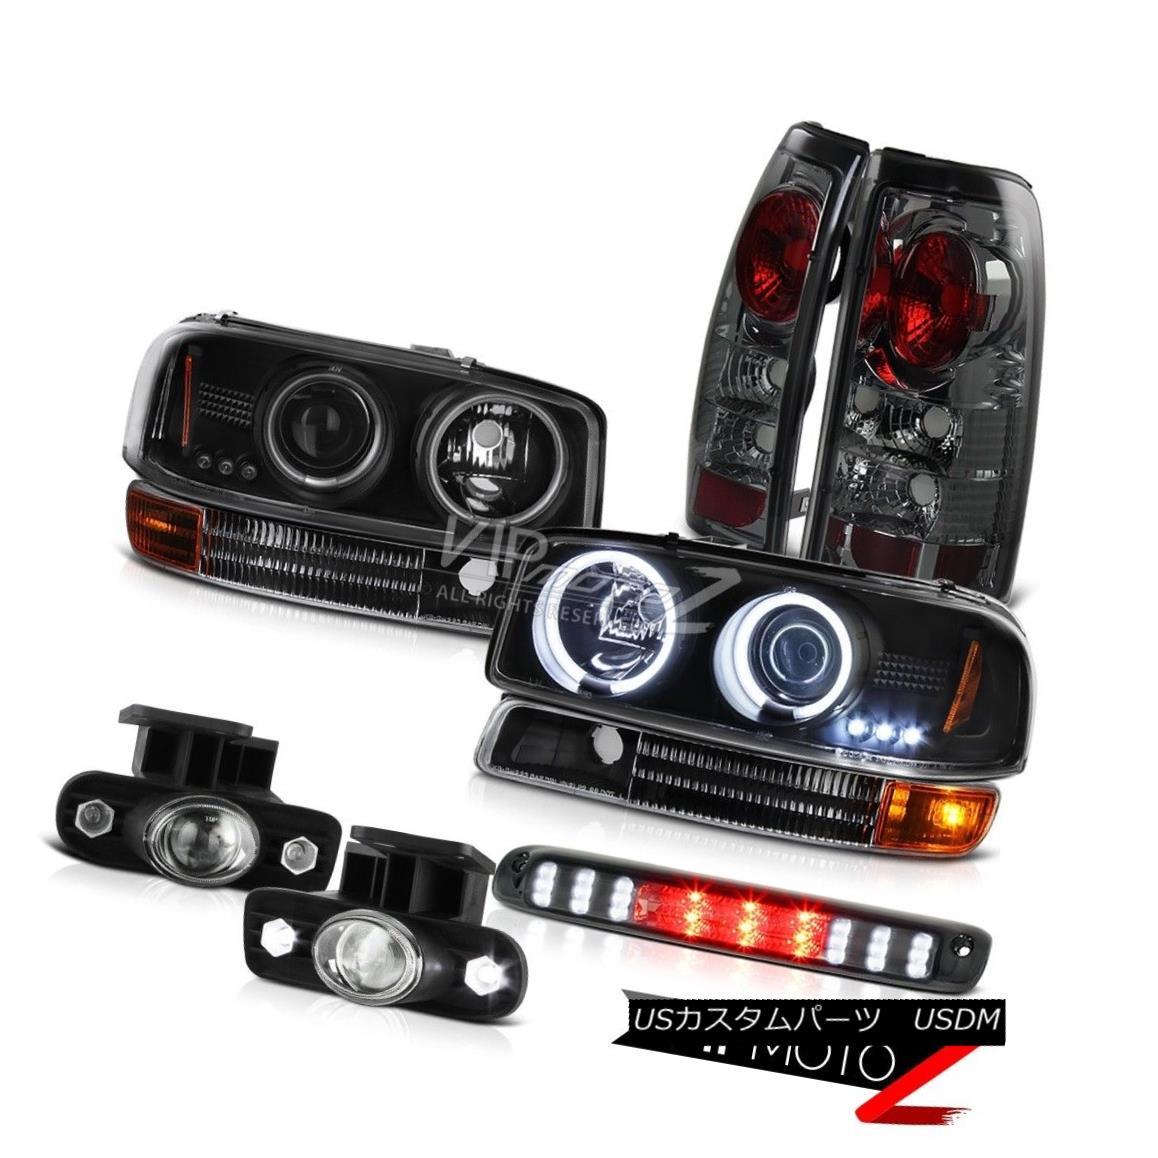 ライト・ランプ, ヘッドライト  99-02 Sierra 4.3L Black CCFL Headlights Satin Signal Altezza Taillight Glass Fog 99-02 Sierra 4.3LCCFLAltezza Tillight Glass Fog